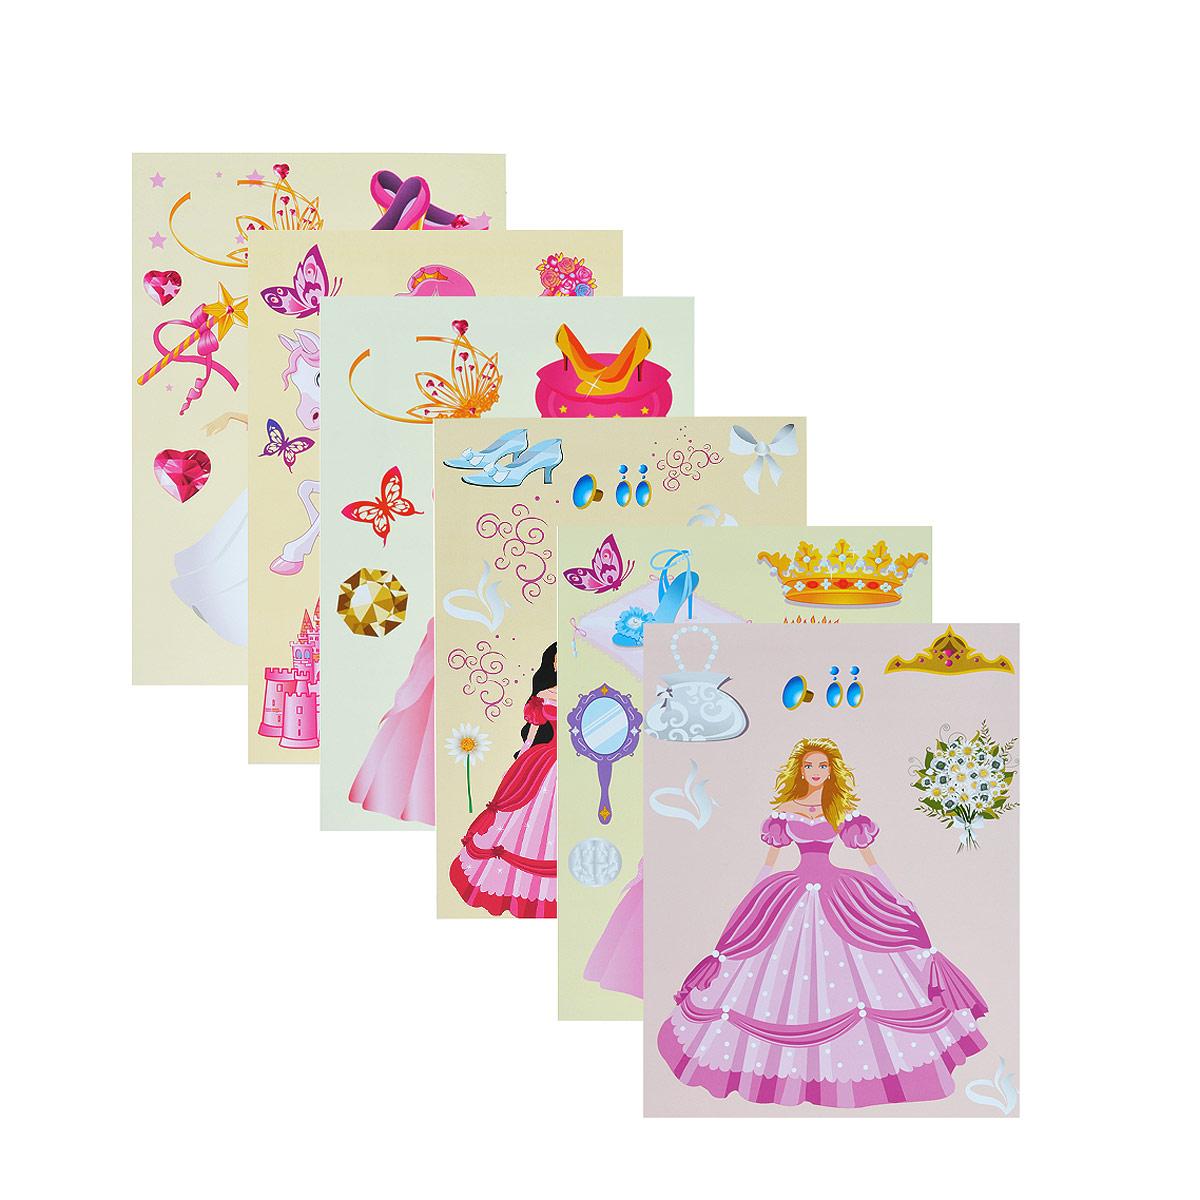 Набор картона Принцесса позволит создавать всевозможные аппликации и поделки. Набор состоит из 10 листов с изображением фей, принцесс, роскошных платье, волшебных бабочек, драгоценных камней.  Создание поделок из картона позволяет ребенку развивать творческие способности, кроме того, это увлекательный досуг.